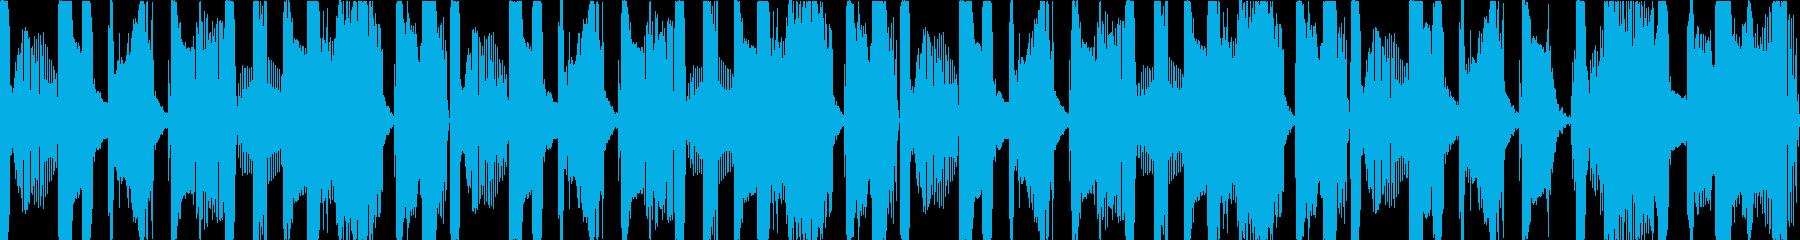 ヒップホップ(ウッドベース)なループの再生済みの波形